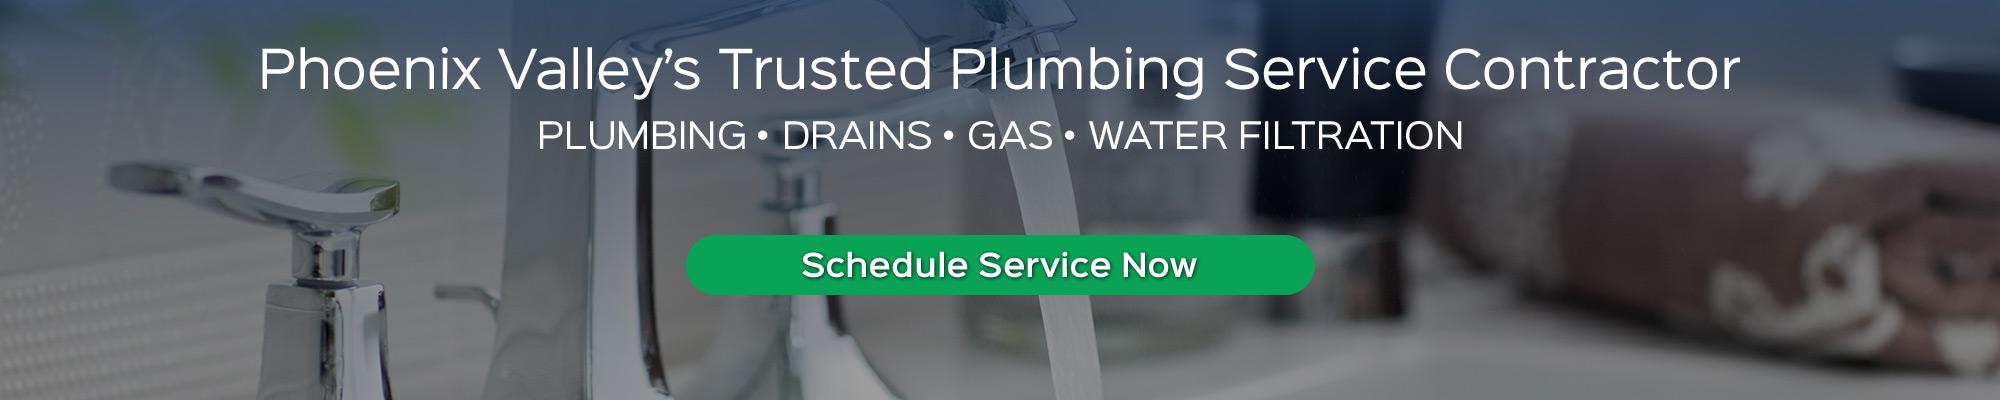 pheonix drain plumbing